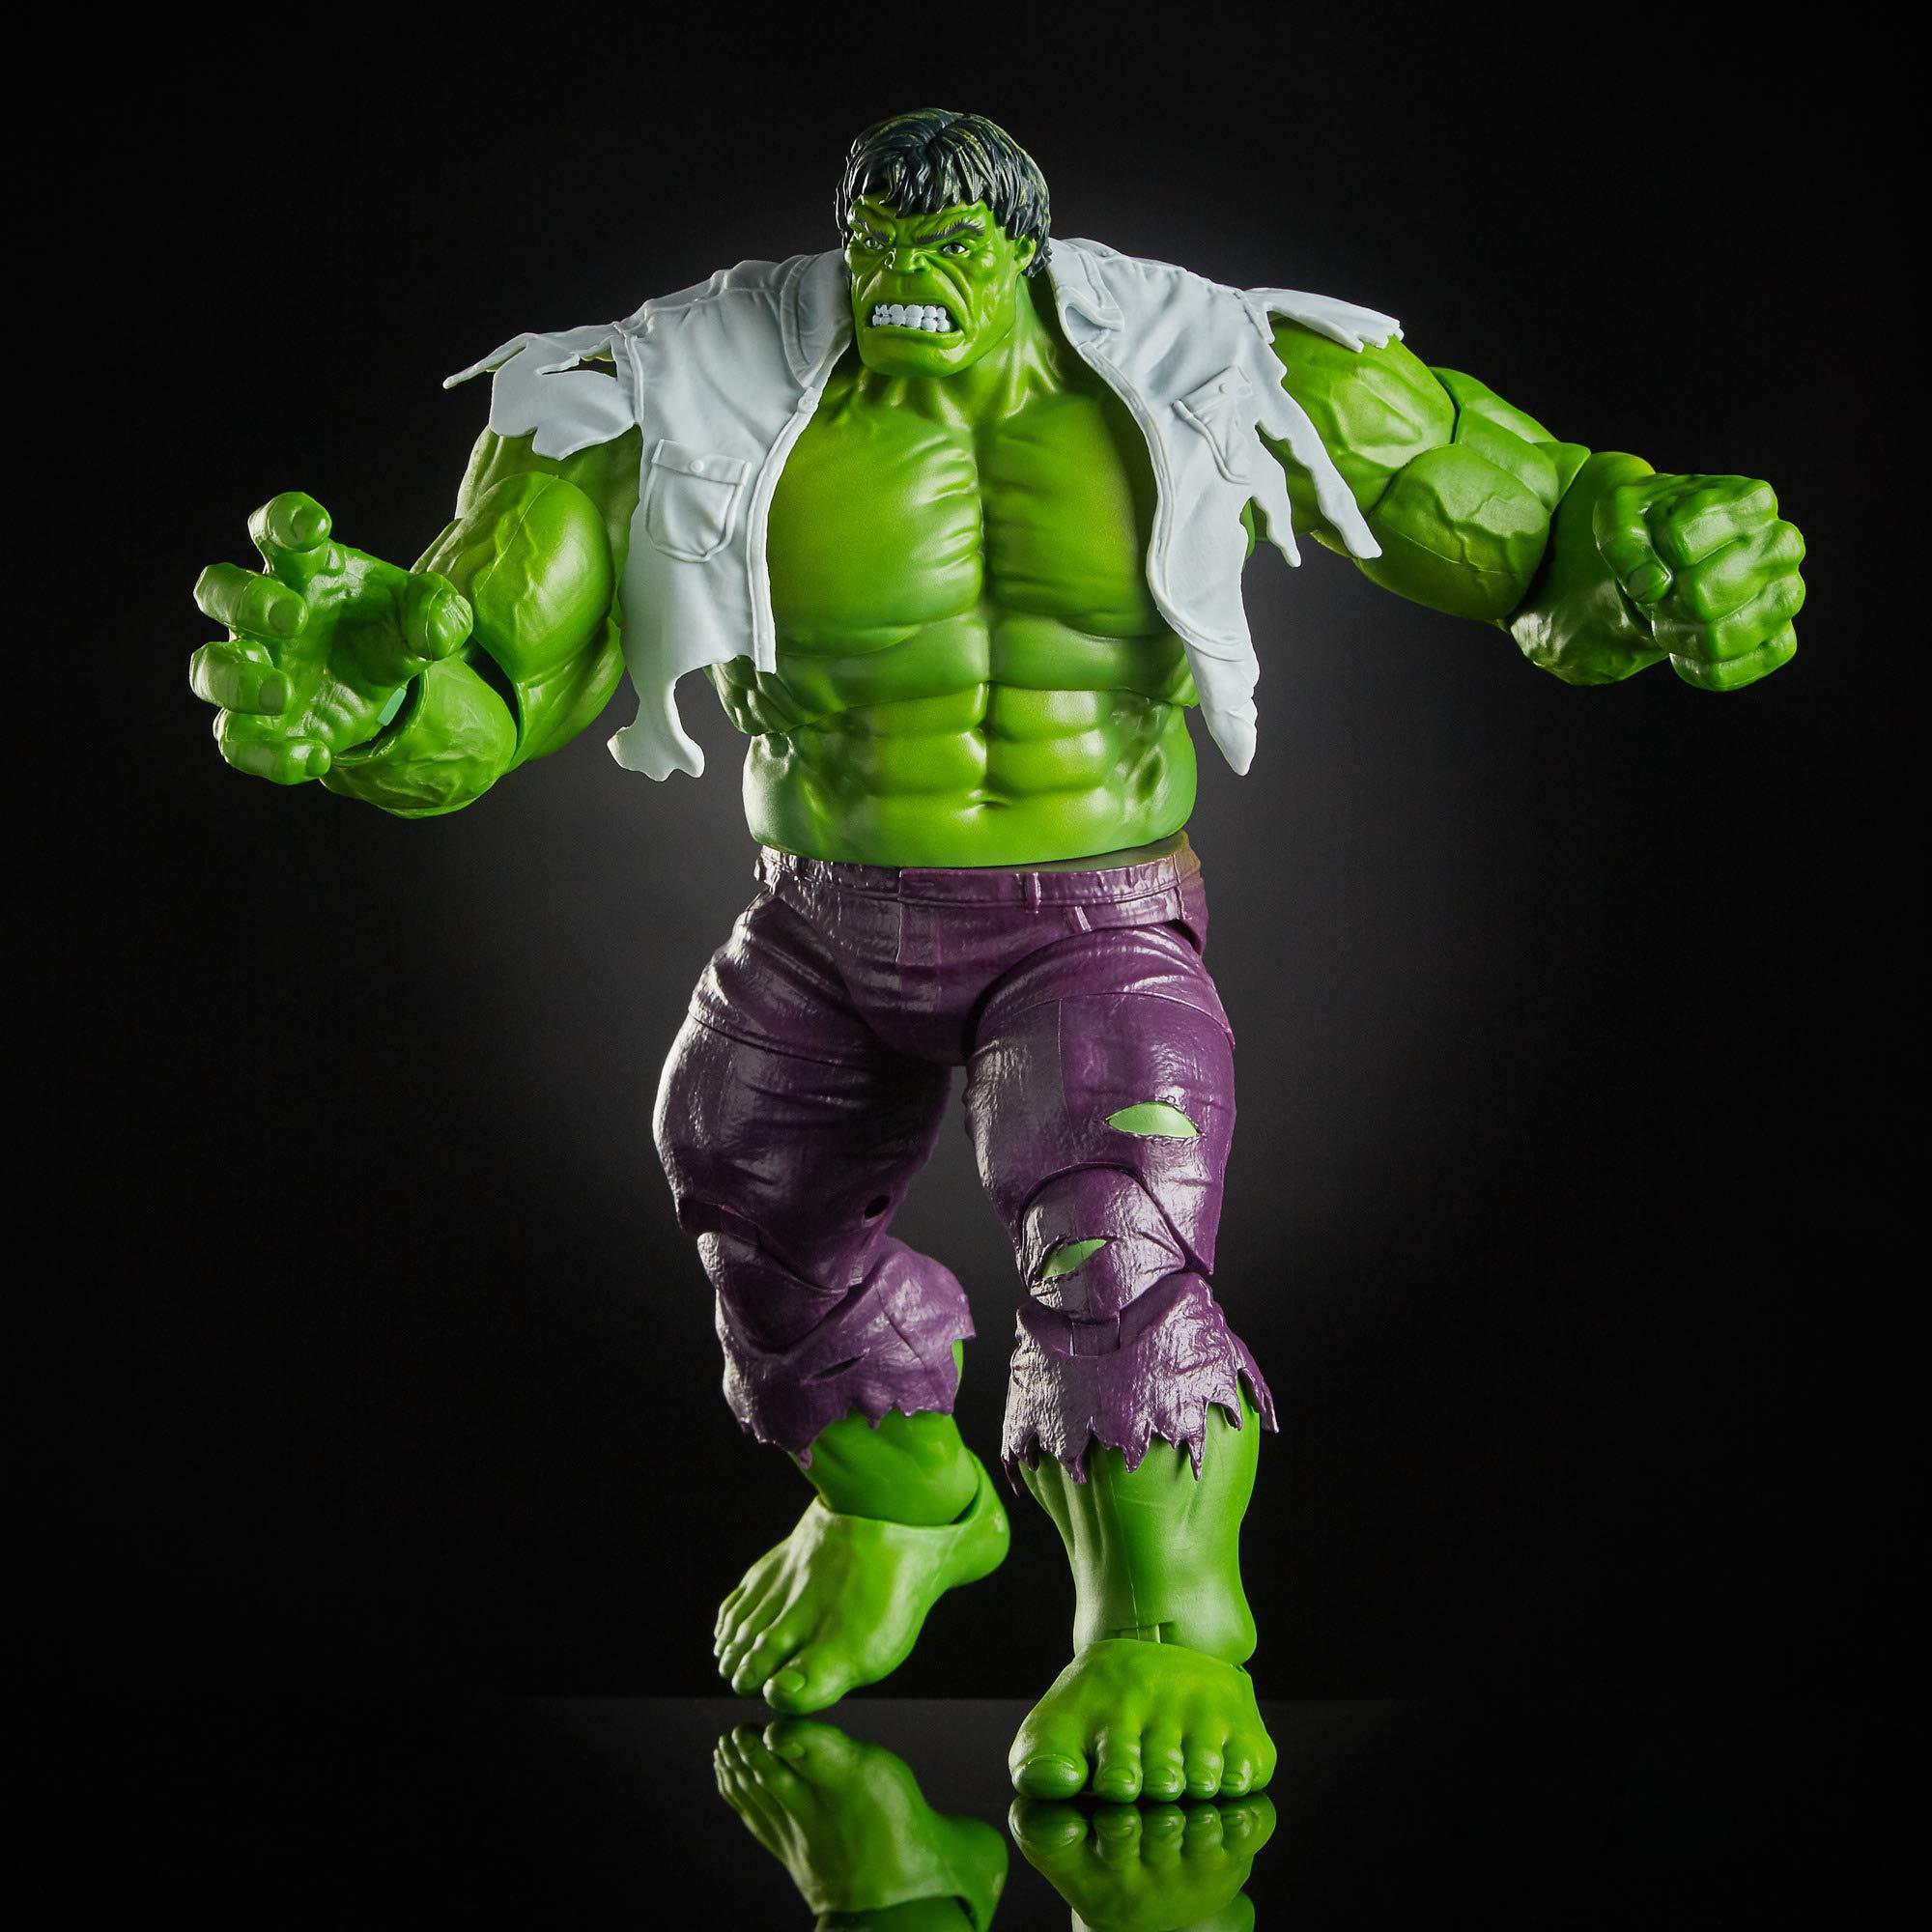 Marvel legends 80 Years Wolverine VS Hulk figure 2 Pack Pre Order